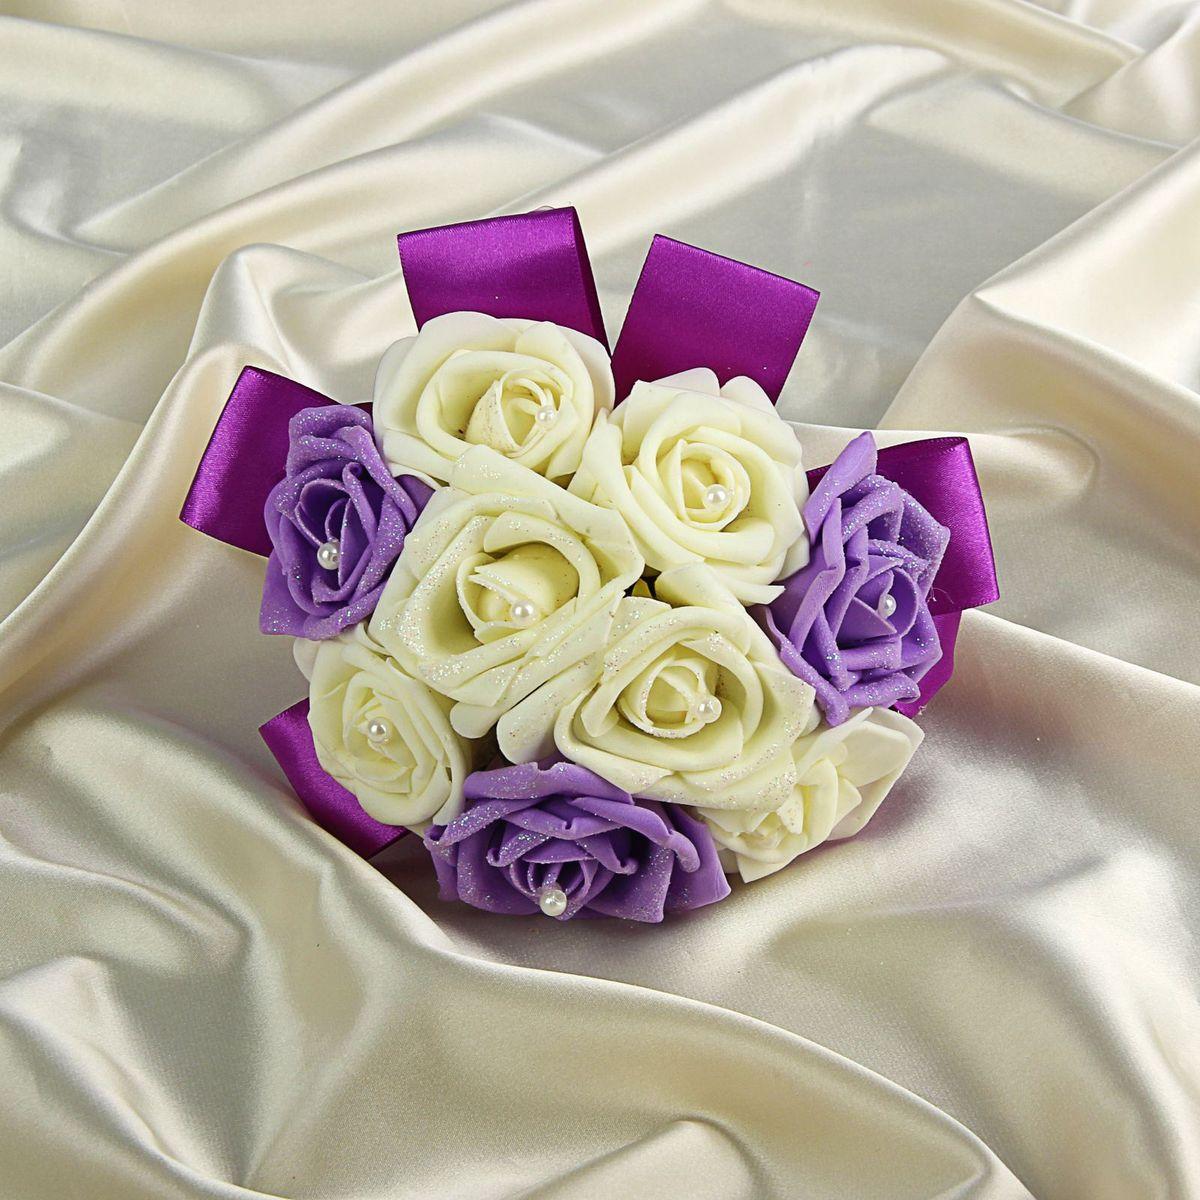 Букет-дублер Sima-land, цвет: белый, фиолетовый. 12628401262840Добавьте в интерьер частичку весны! Дублер букета невесты с розами премиум бело-фиолетовый 9 шт будет радовать неувядающей красотой не один год. Просто поставьте его в вазу или создайте пышную композицию. Искусственные растения не требуют поливки, особого освещения и другого специального ухода. Они украсят любое помещение (например, ванную с повышенной влажностью или затемнённый коридор). Дом становится уютным благодаря мелочам. Преобразите интерьер, а вместе с ним улучшится и настроение!